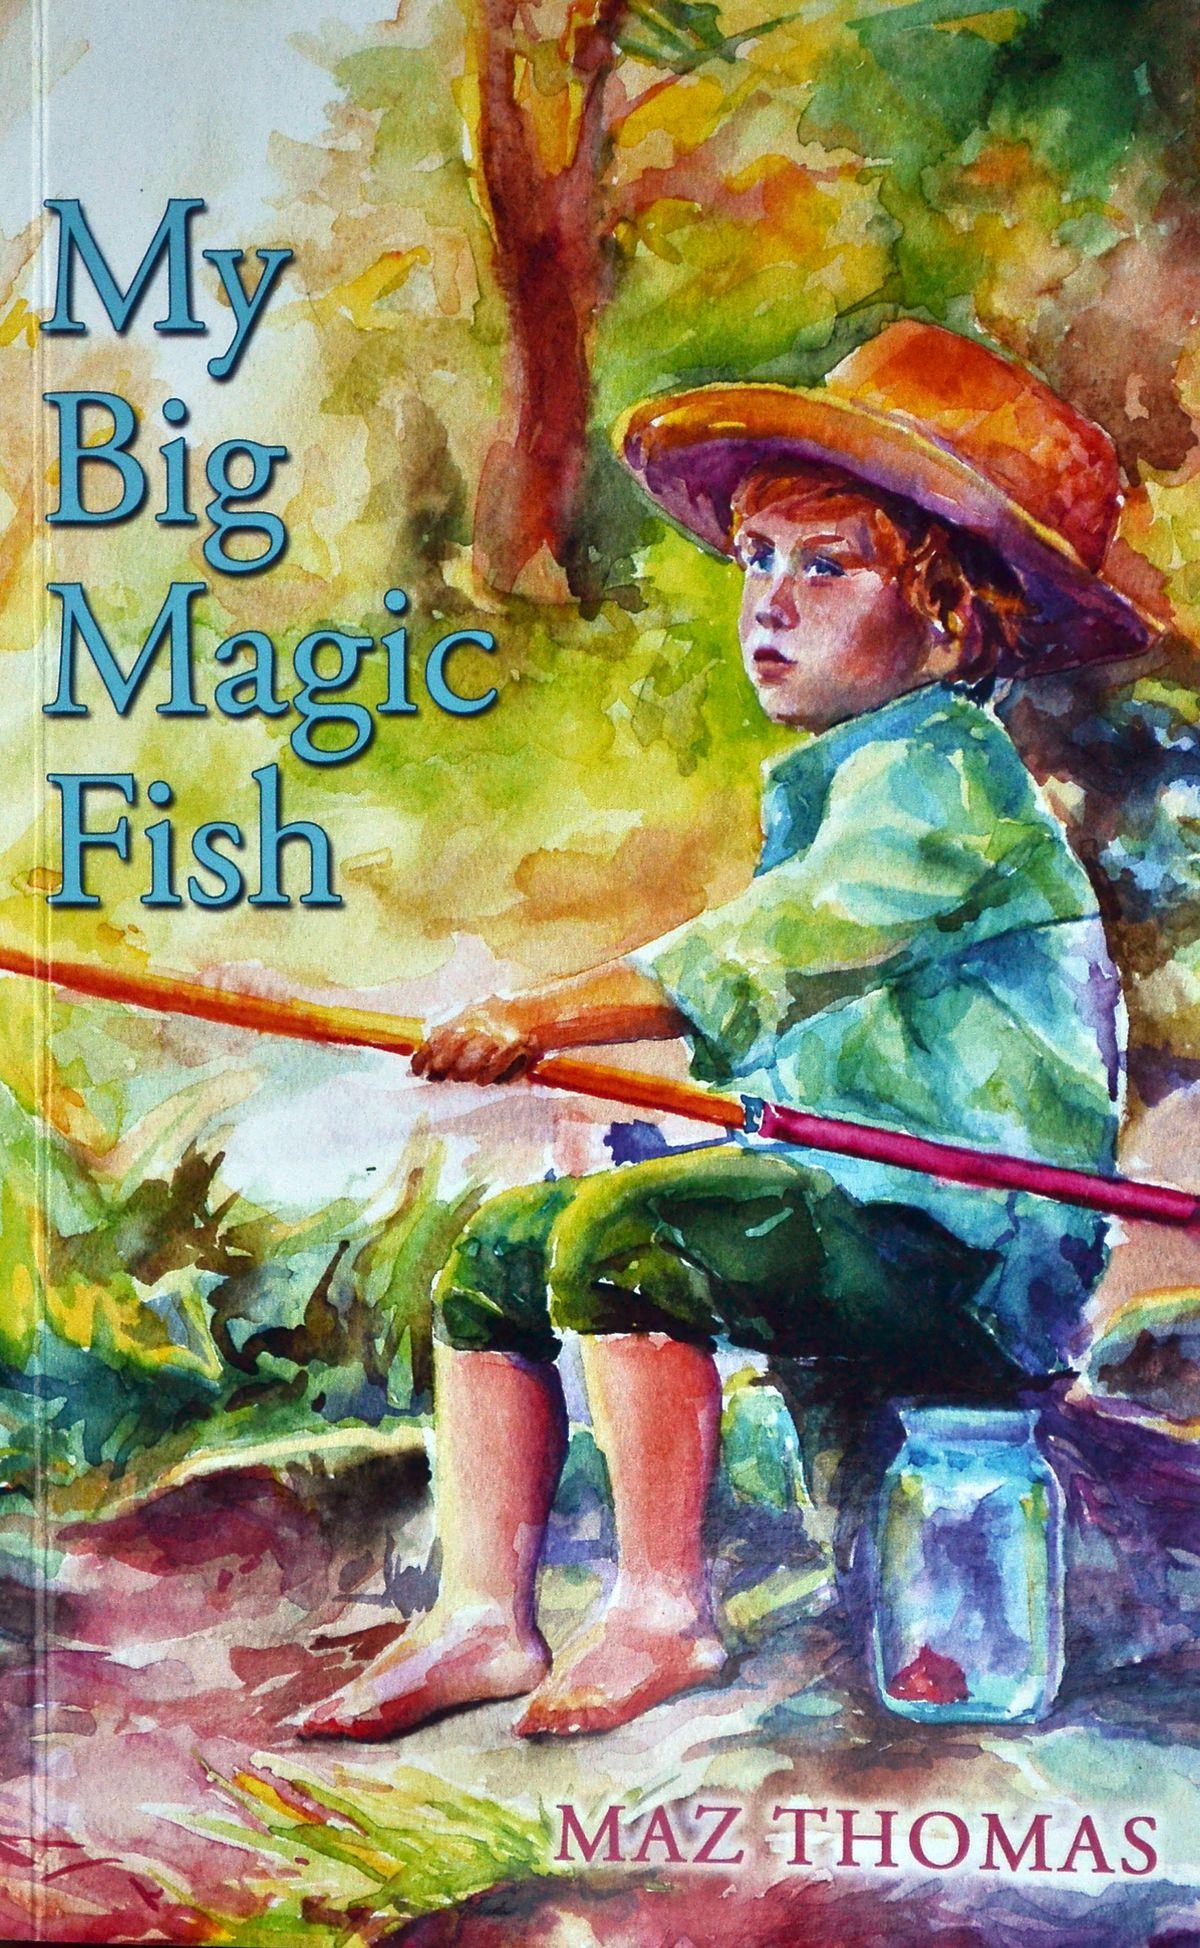 My Big Magic Fish by Maz Thomas